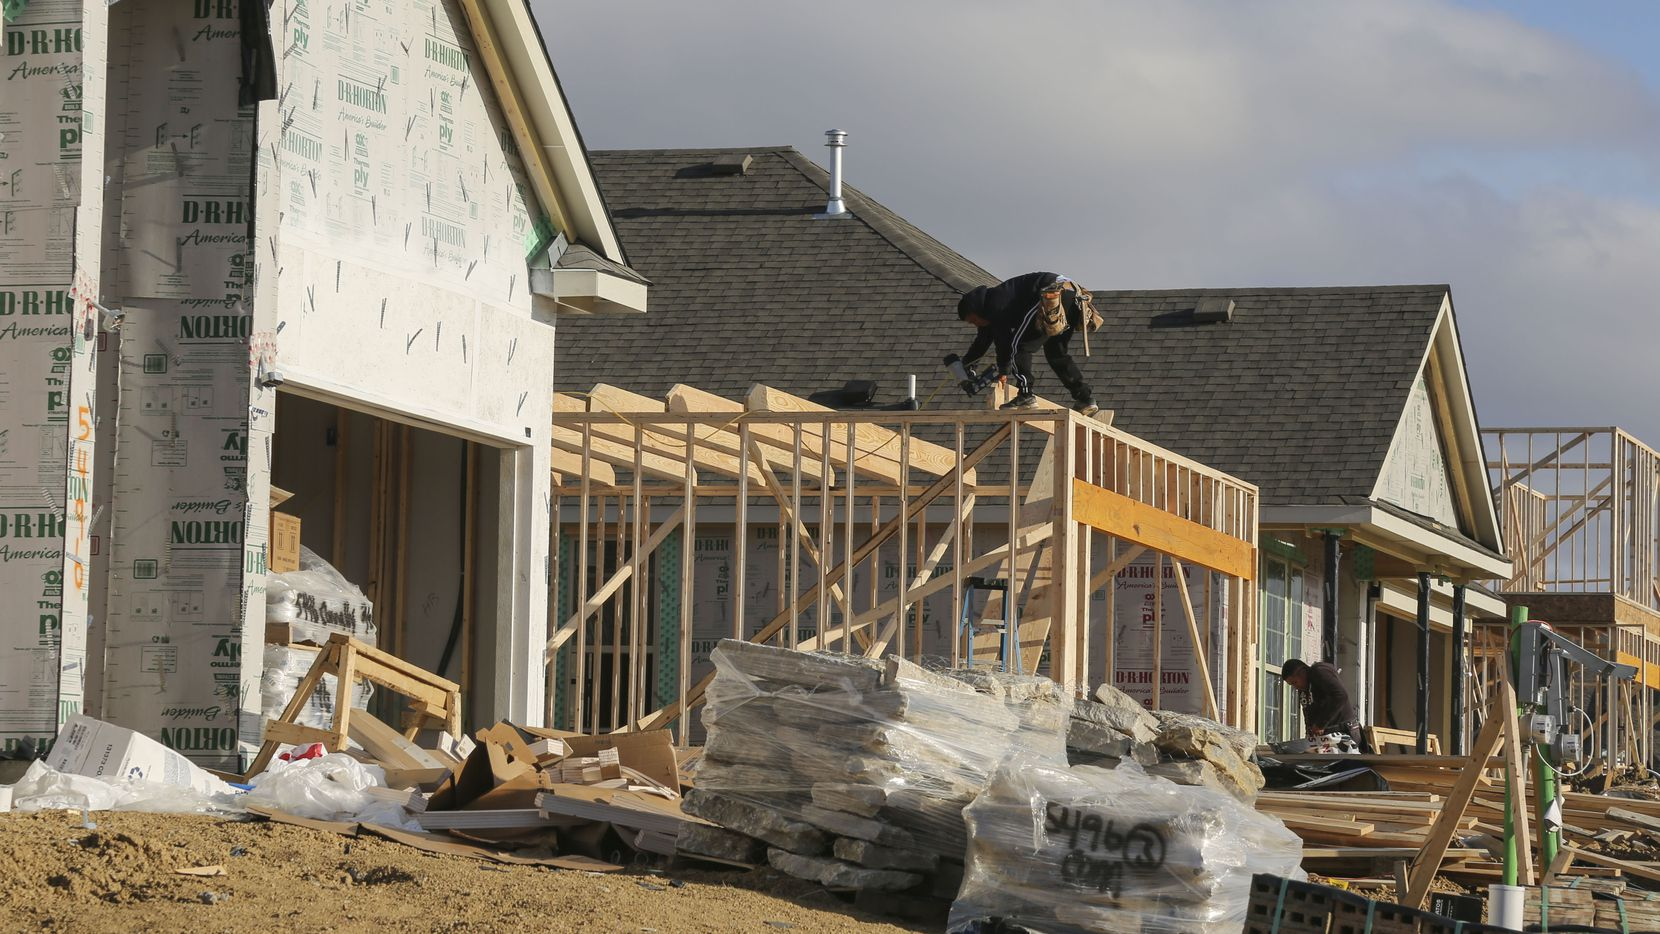 Arlington-based D.R. Horton is the nation's largest homebuilder.